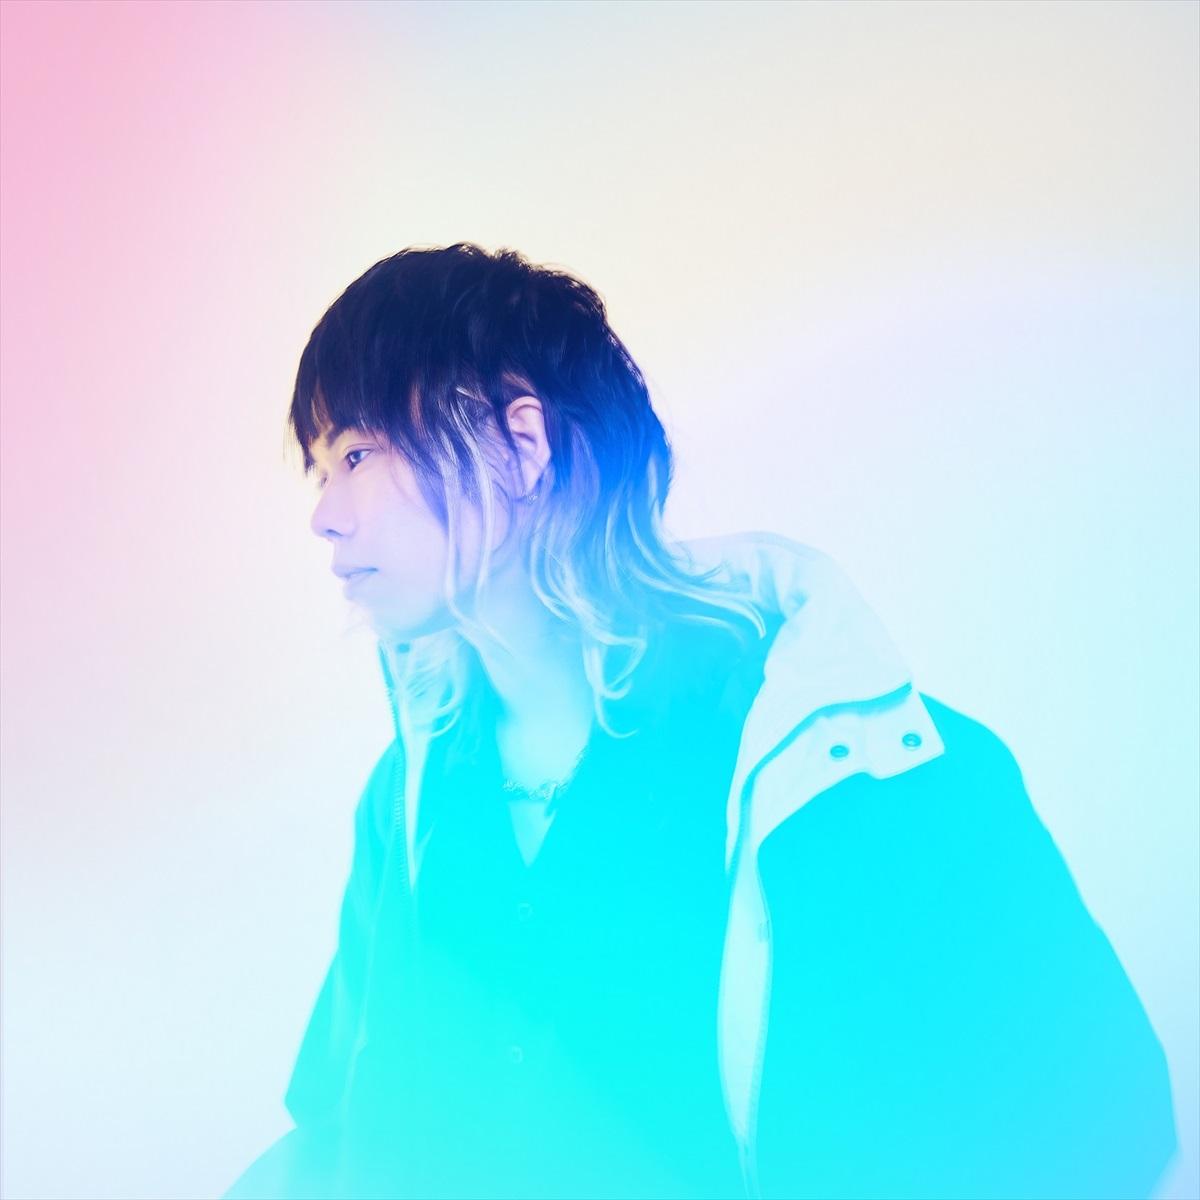 【神山羊】ライブダイジェスト映像を公開 ニューシングル「色香水」